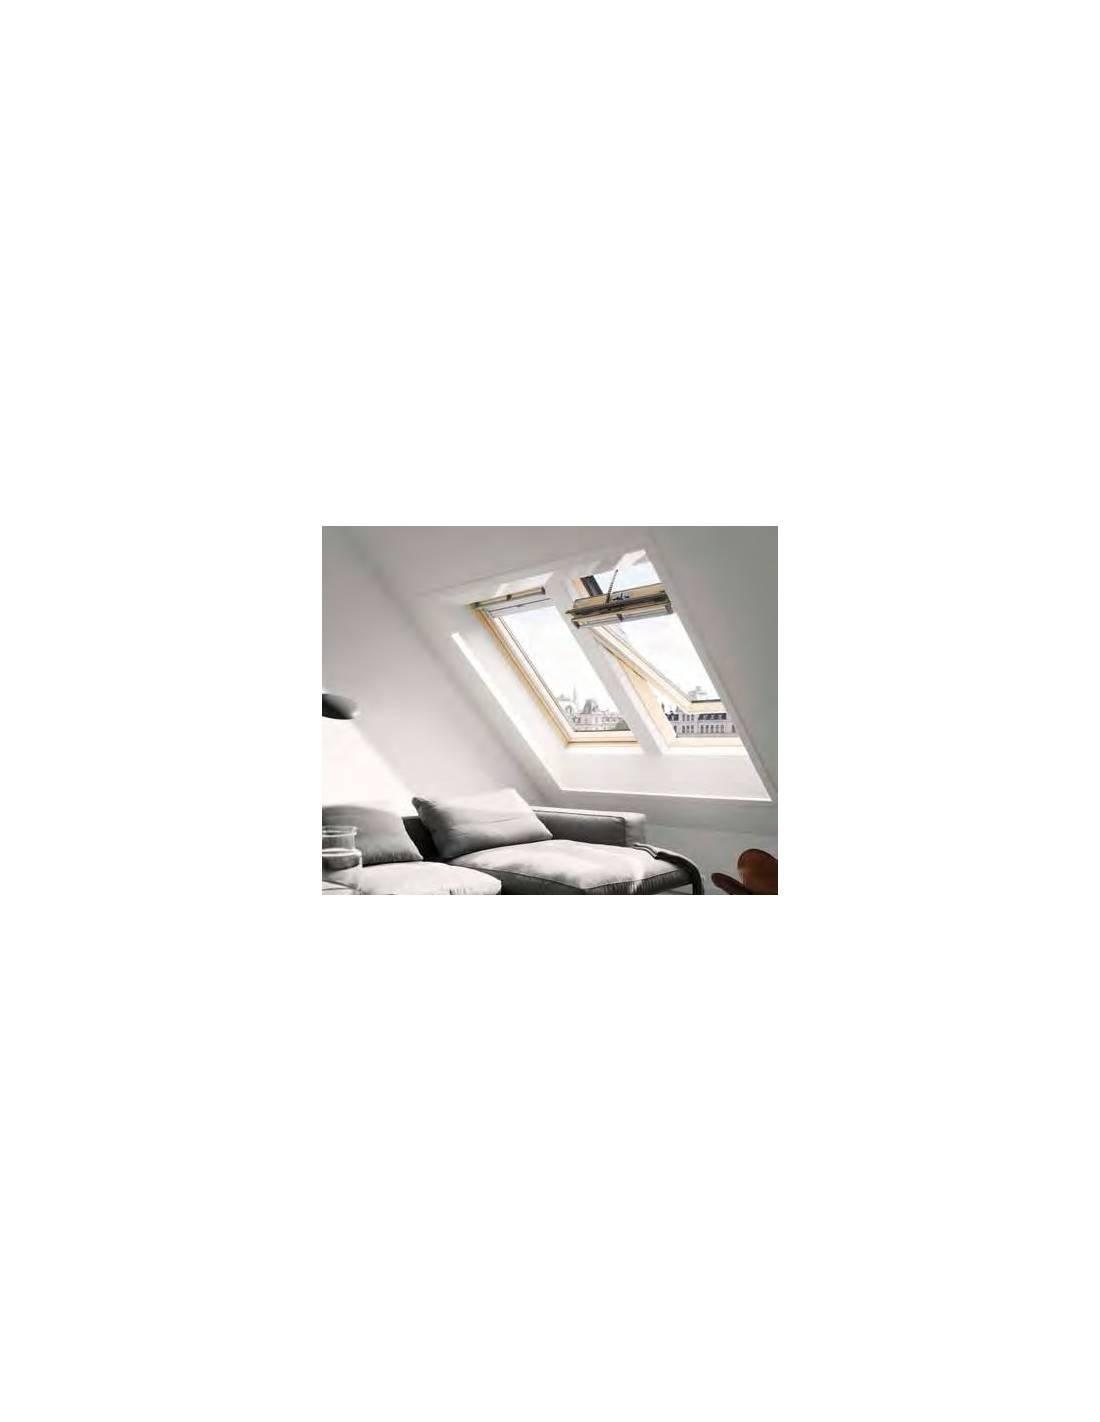 Velux ggl integra solare finestra a bilico solare in for Prezzo velux integra